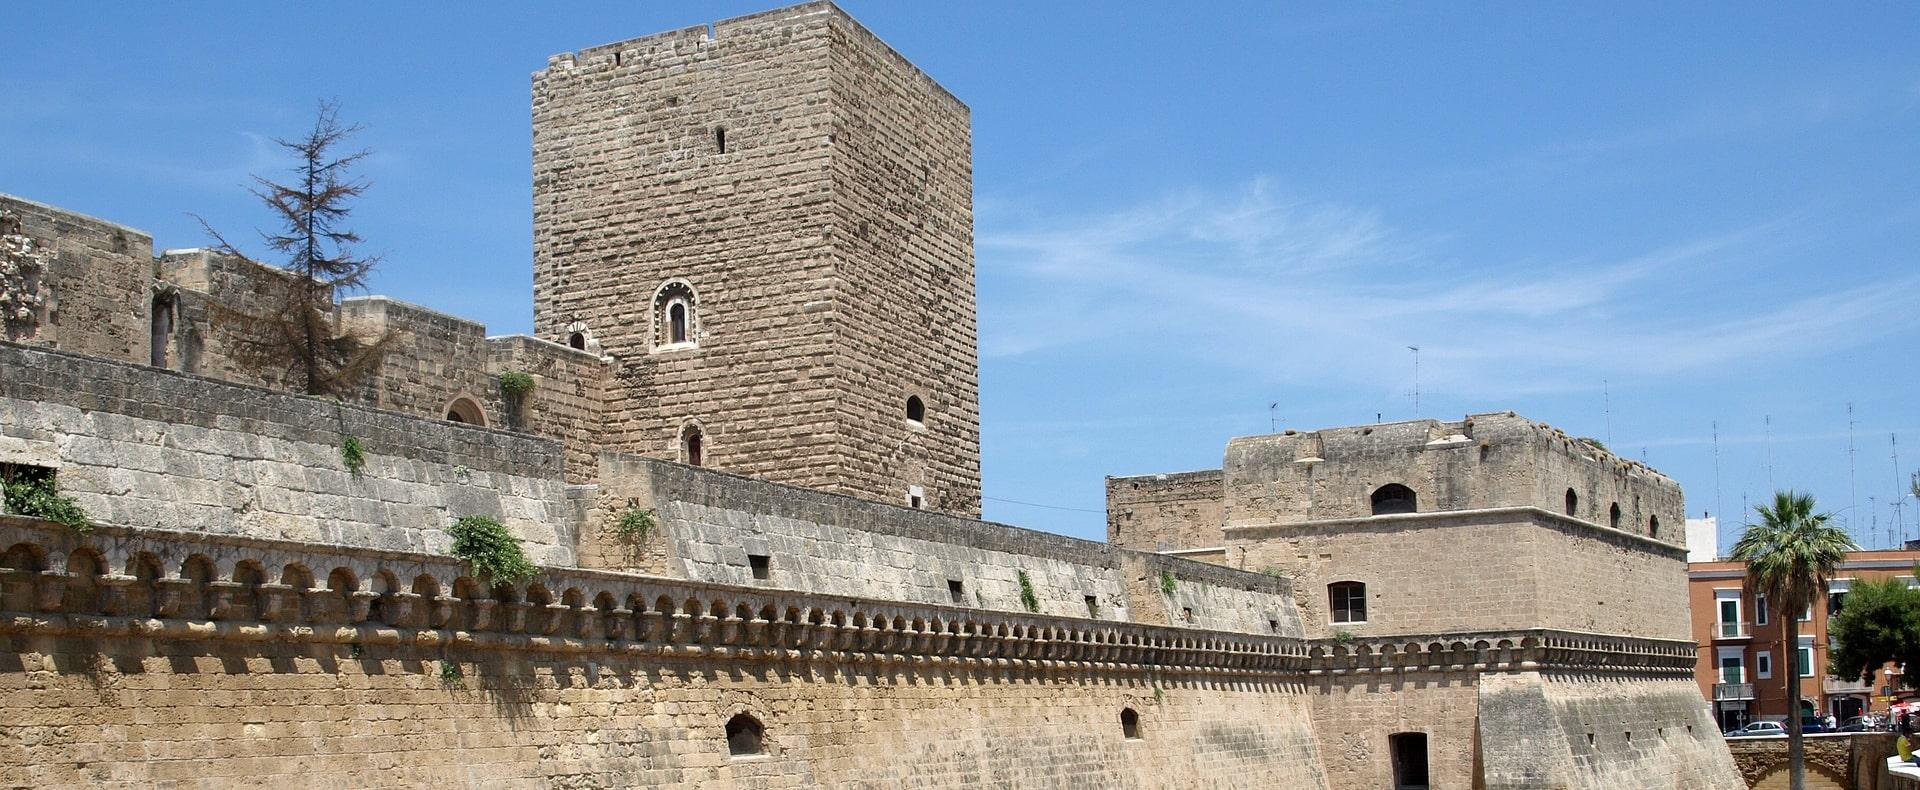 Bari, Italy